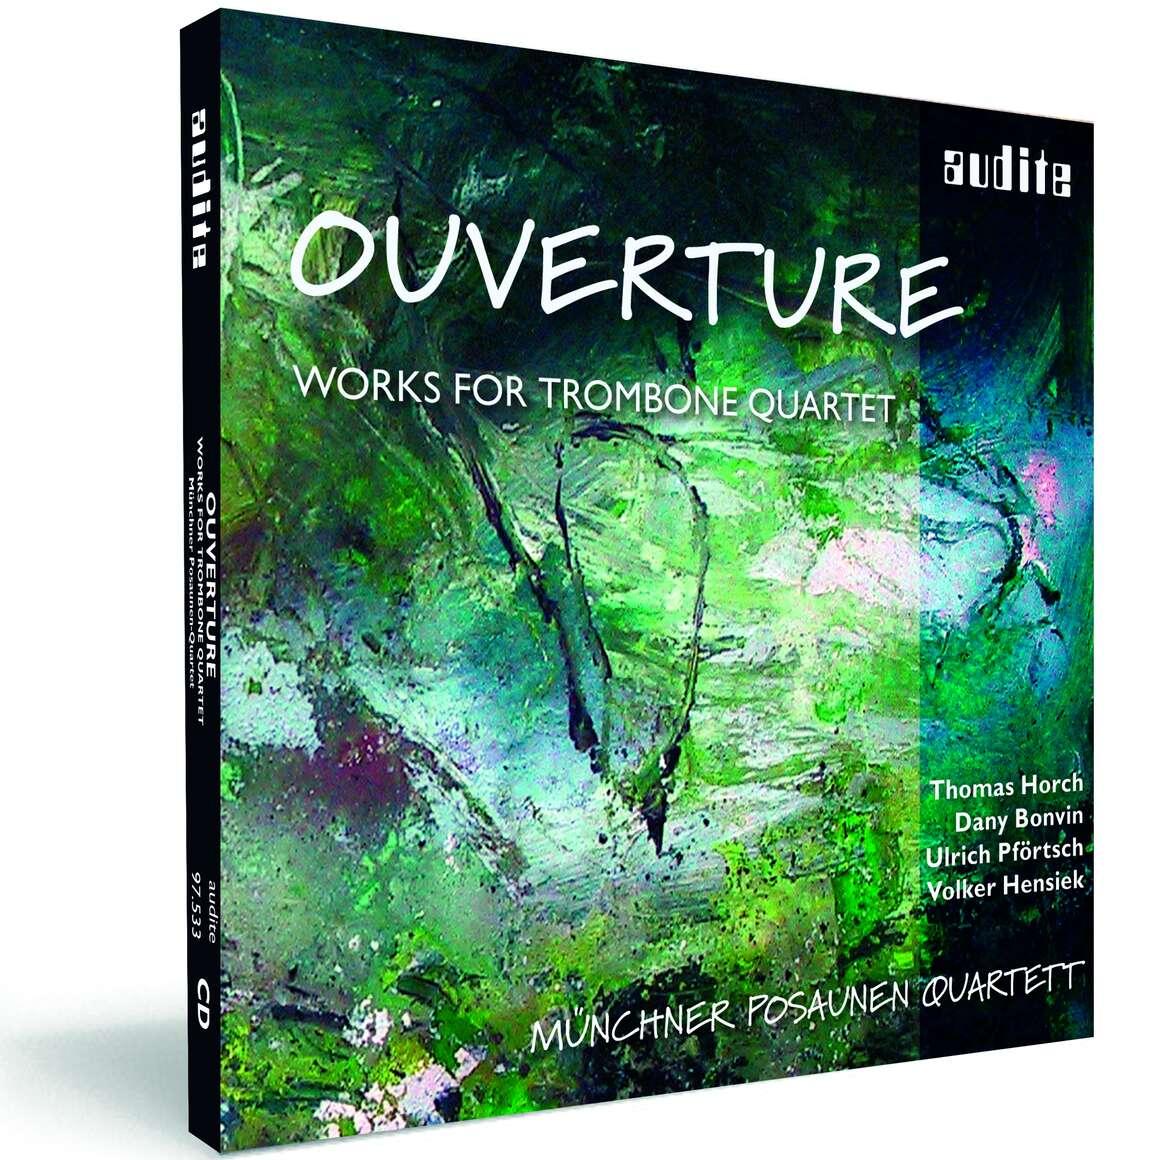 Ouverture - Works for Trombone Quartet